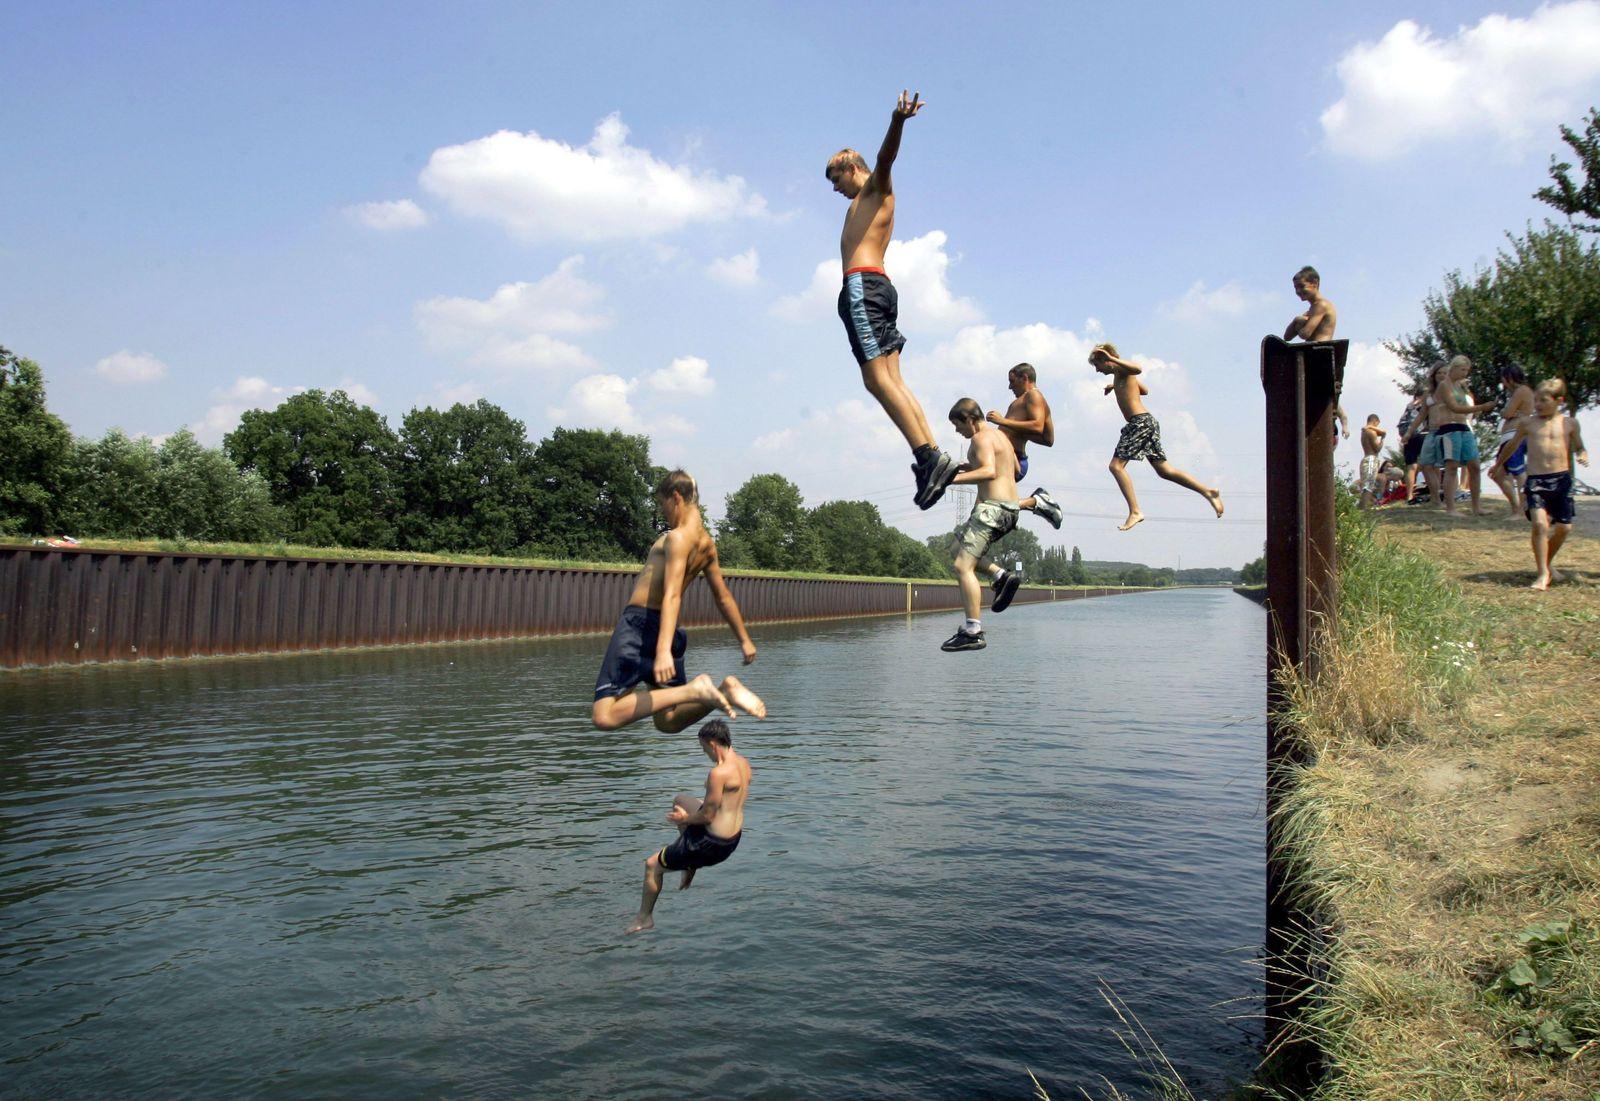 Dortmund-Ems-Kanal Jugendliche